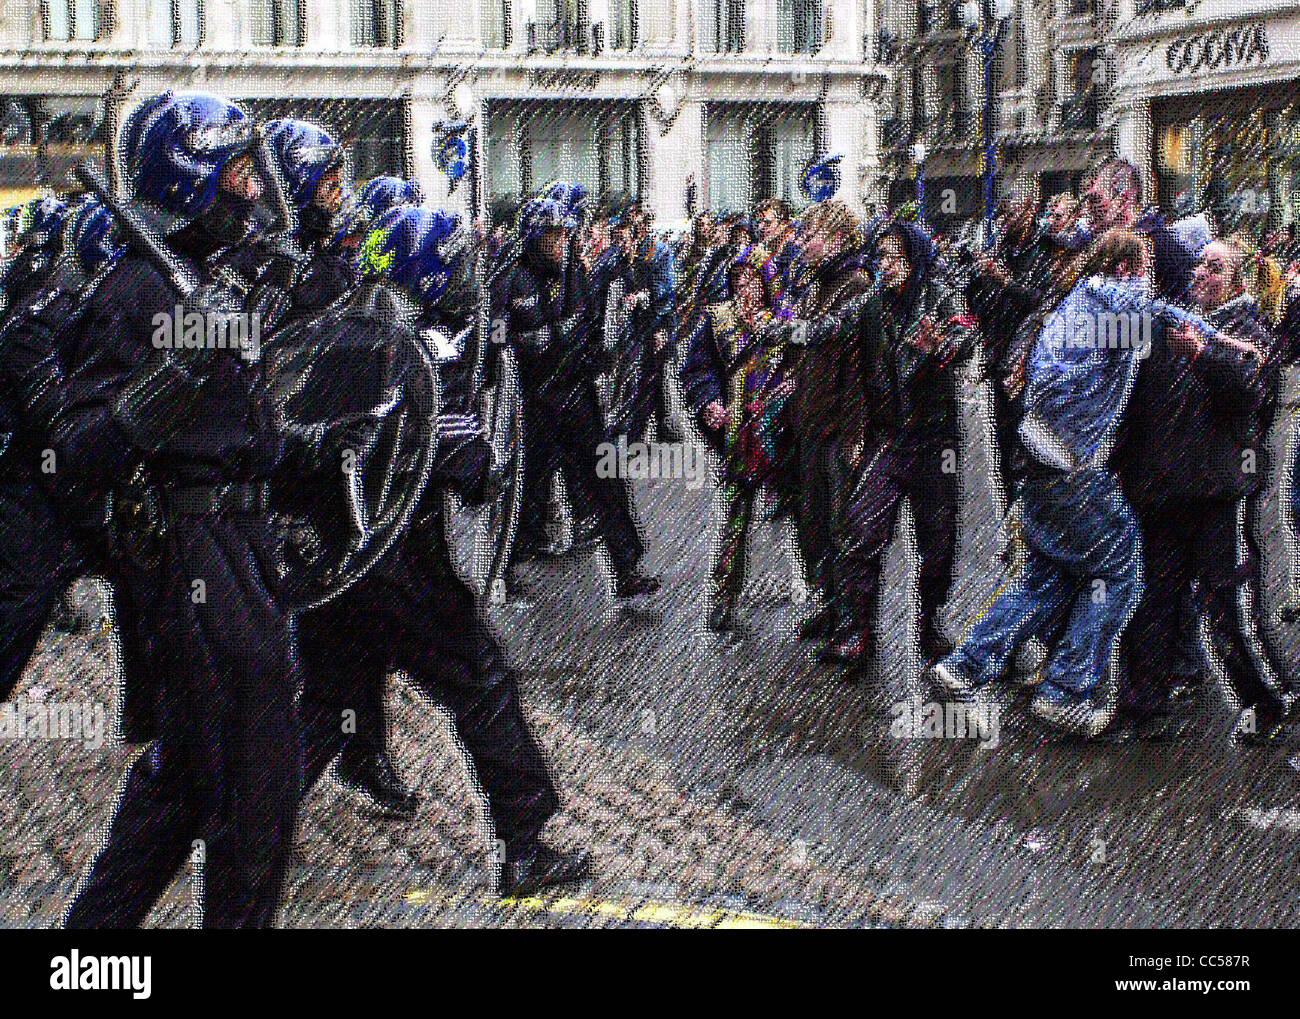 Illustrations génériques de la police anti-émeute en action images traitées pour éviter Photo Stock